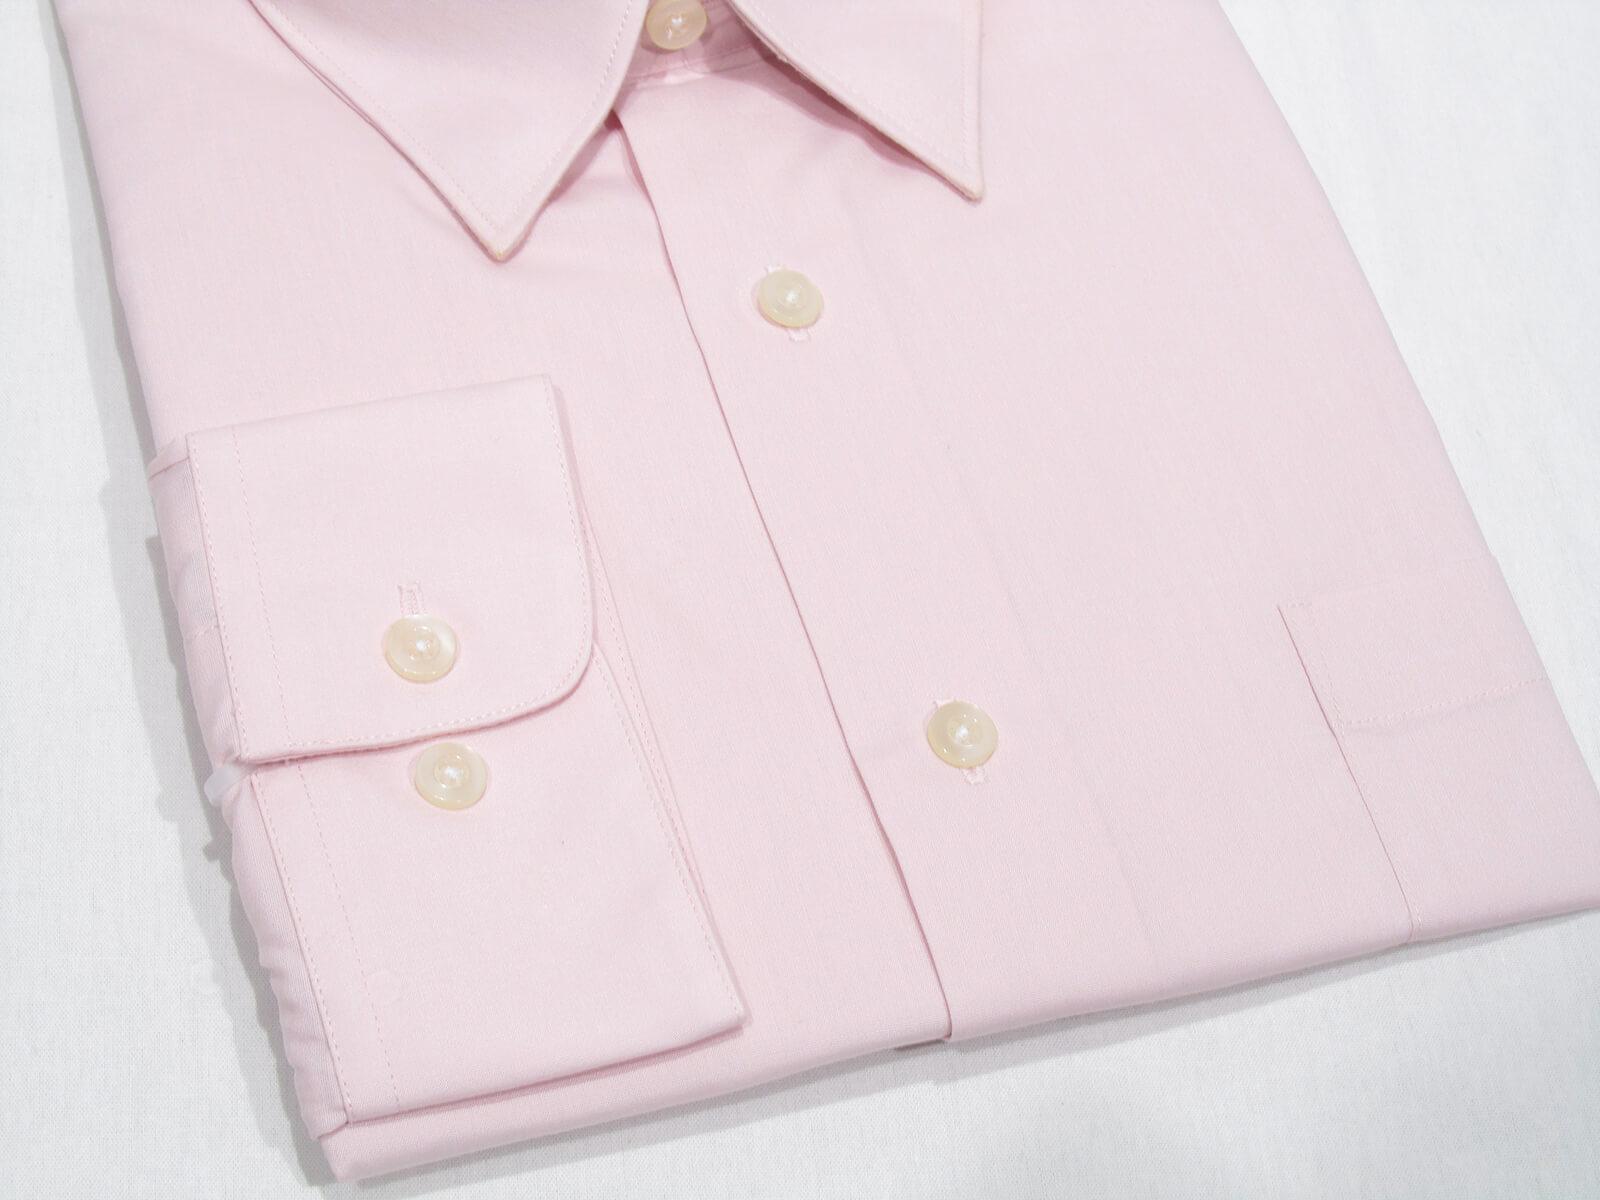 標準襯衫 正式襯衫 面試襯衫 上班族襯衫 商務襯衫 短袖襯衫 長袖襯衫 素面襯衫不皺免燙襯衫(領圍14.5~19.5英吋) [實體店面保障] sun-e322 3